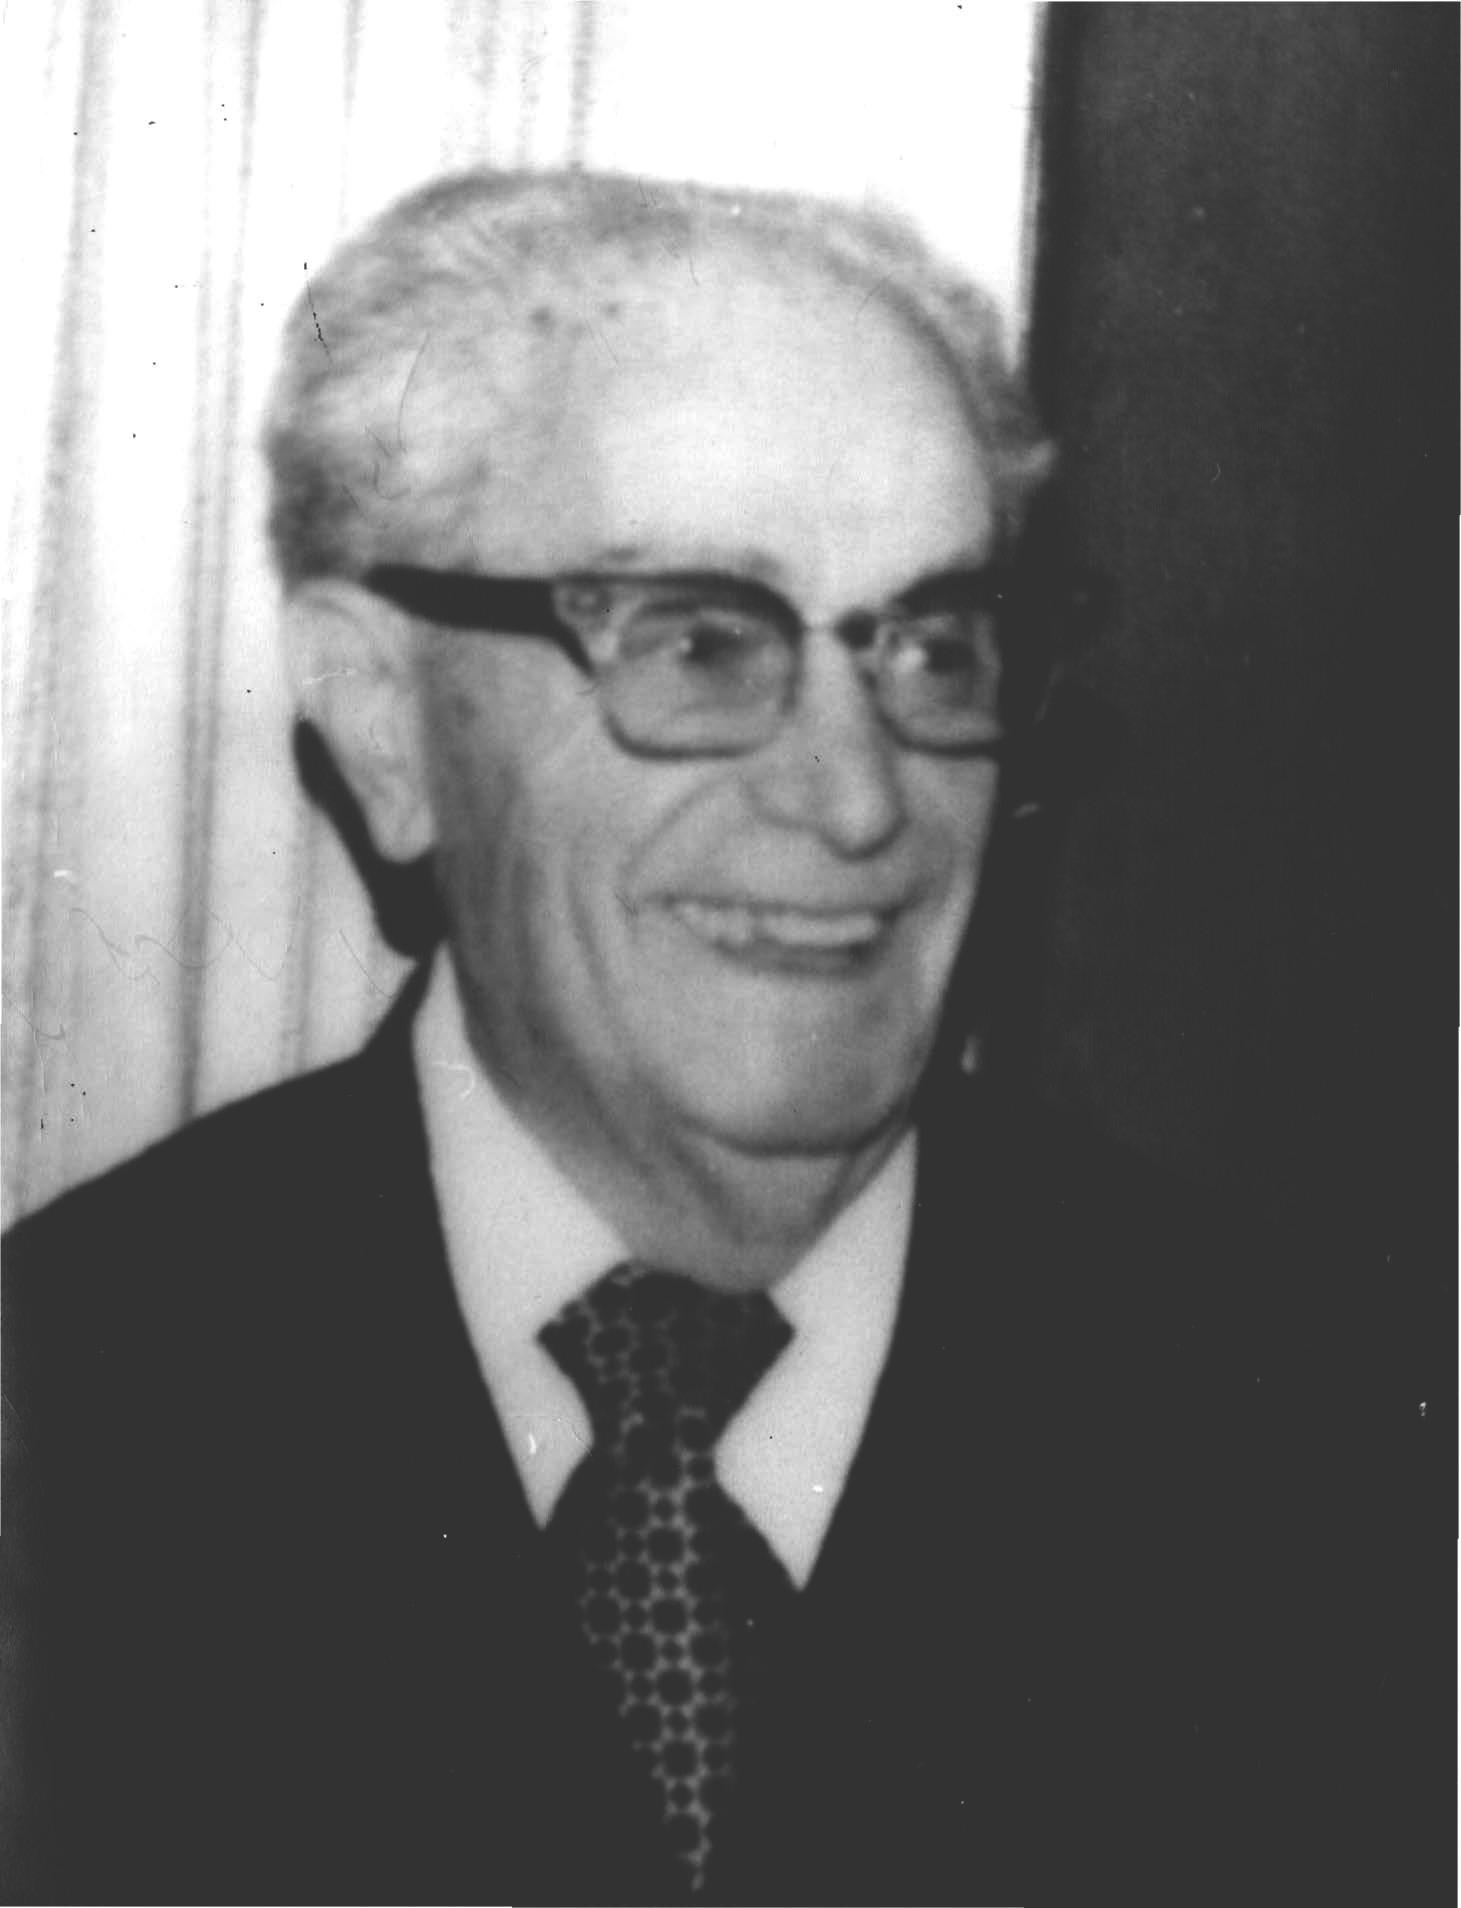 Entrevista realizada al señor José Salamanca realizada en el domicilio de Elena Aub